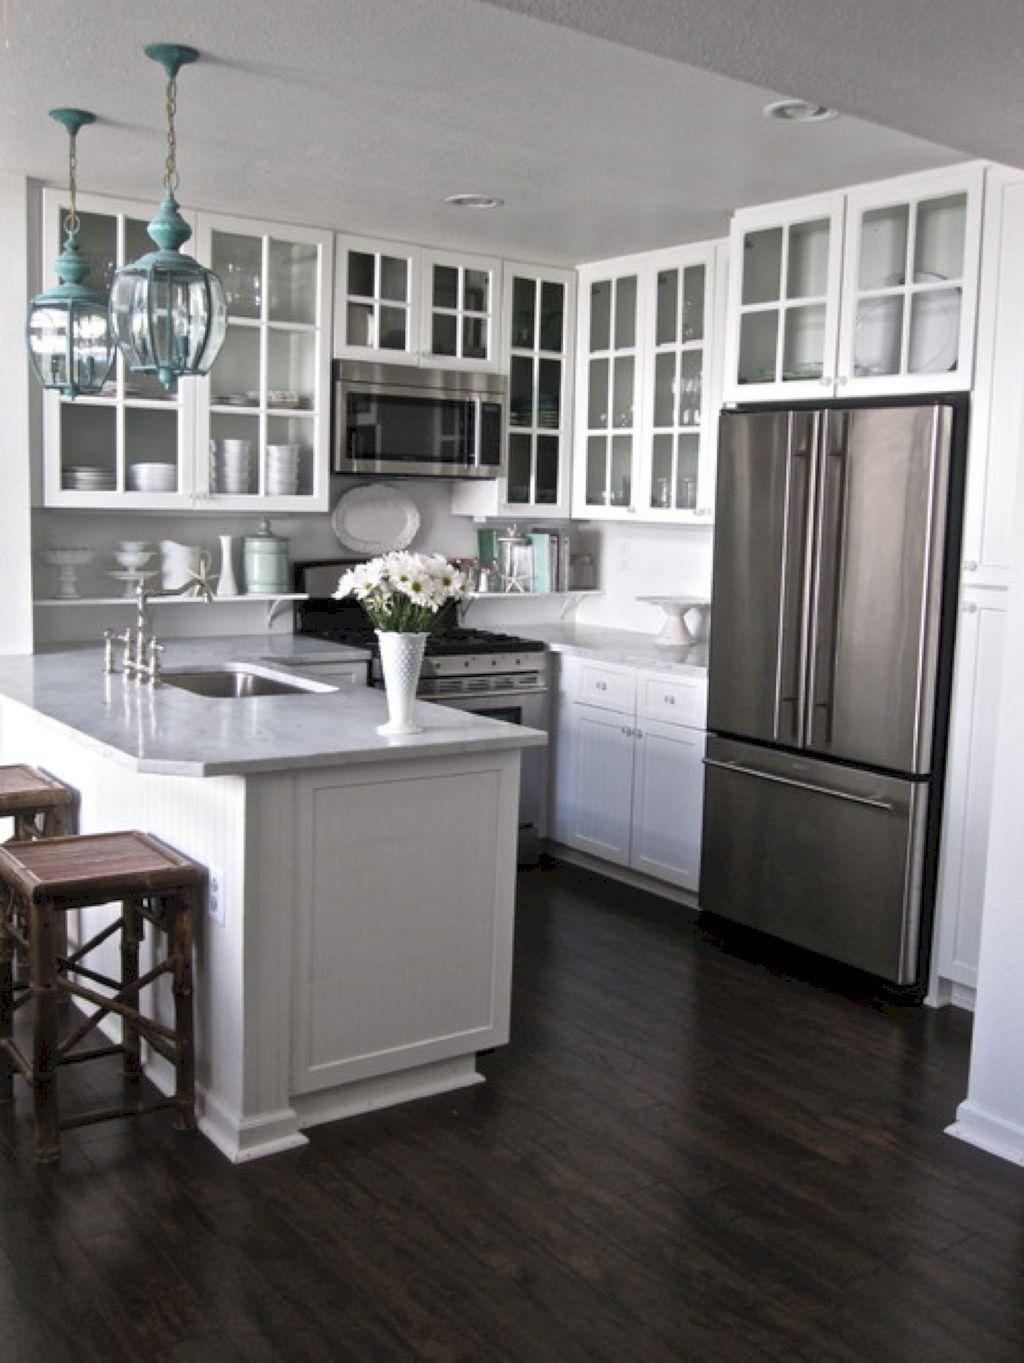 Best kitchen design ideas for the home pinterest kitchen